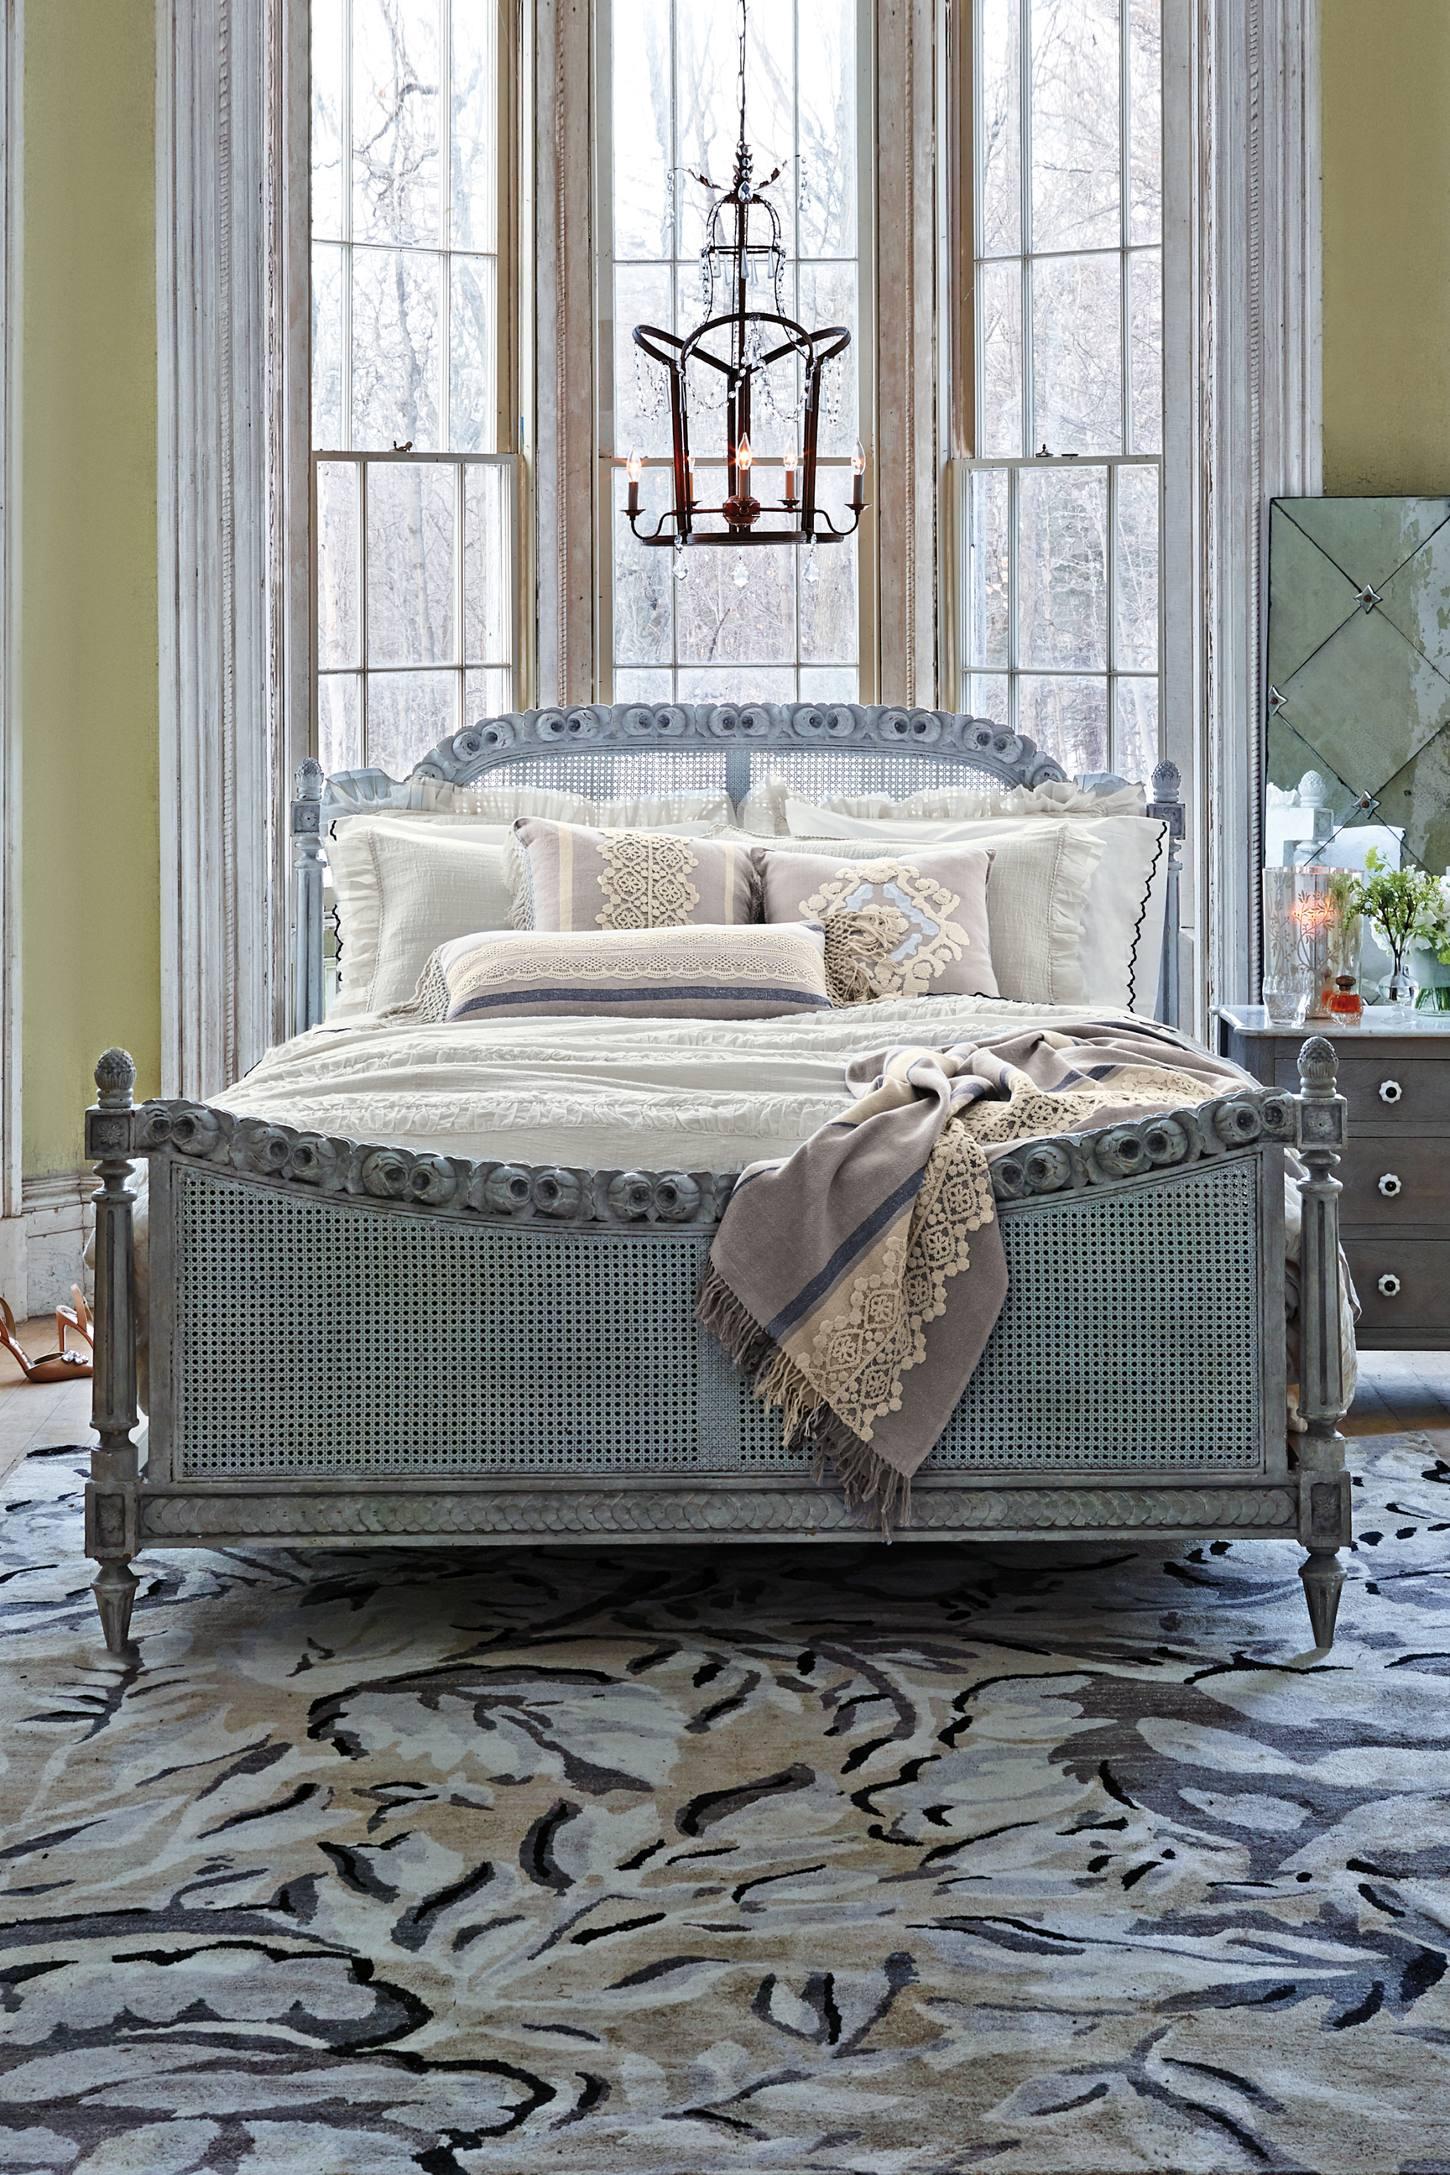 Bedroom Furniture Under Bed